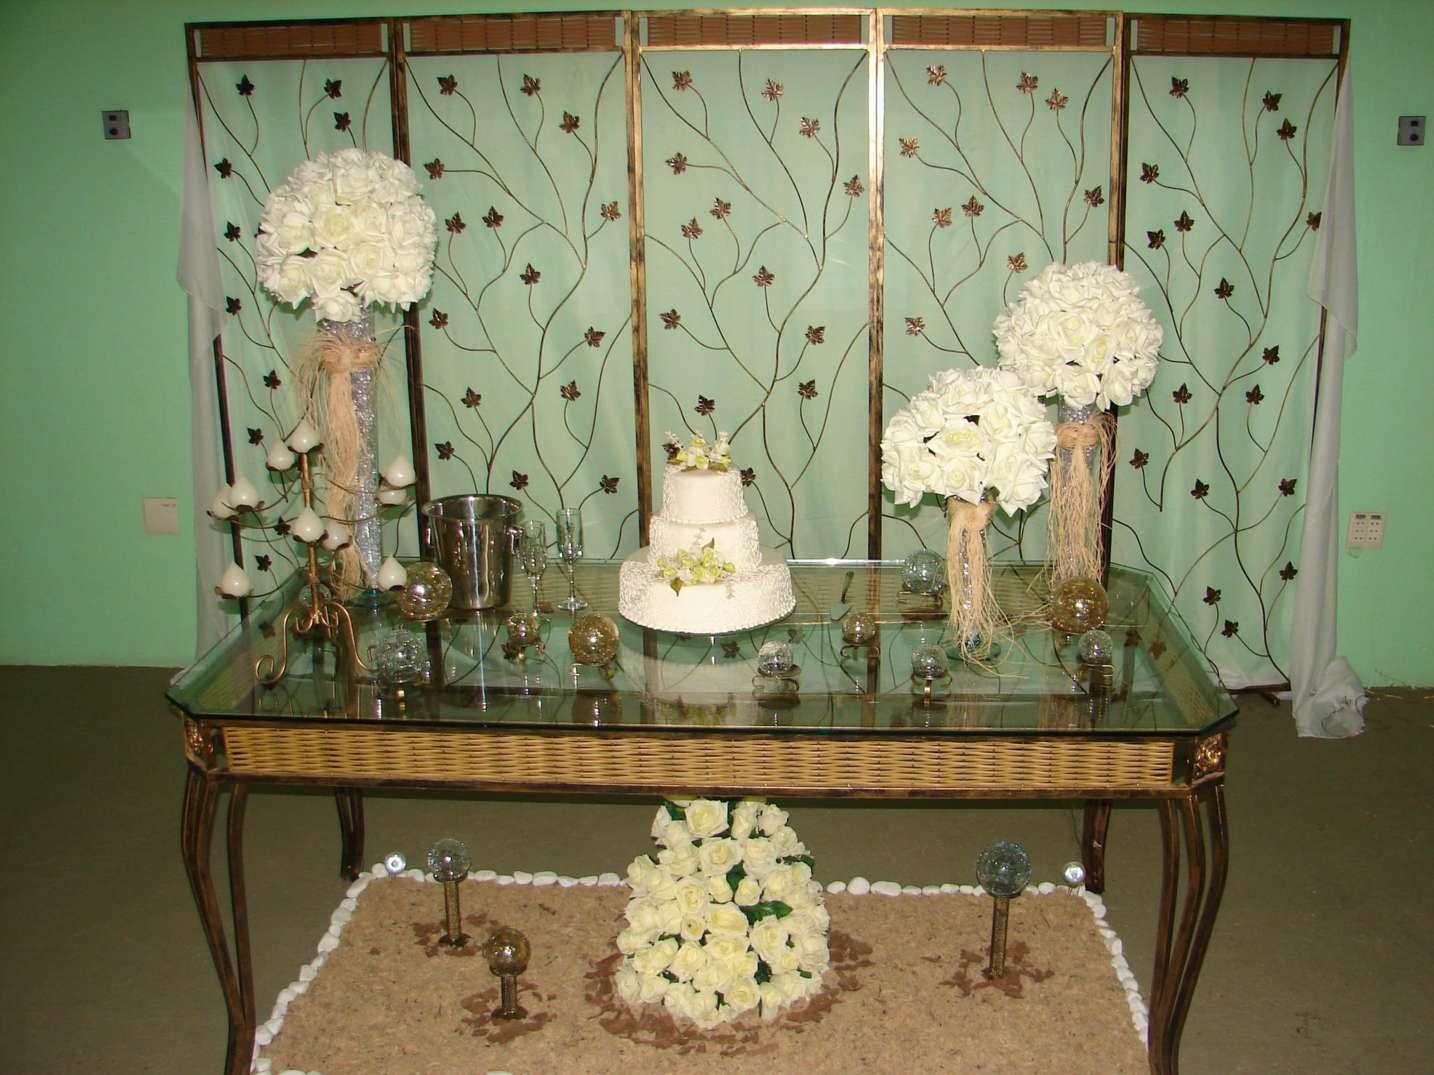 decoração-da-mesa-de-bolo-casamento-15